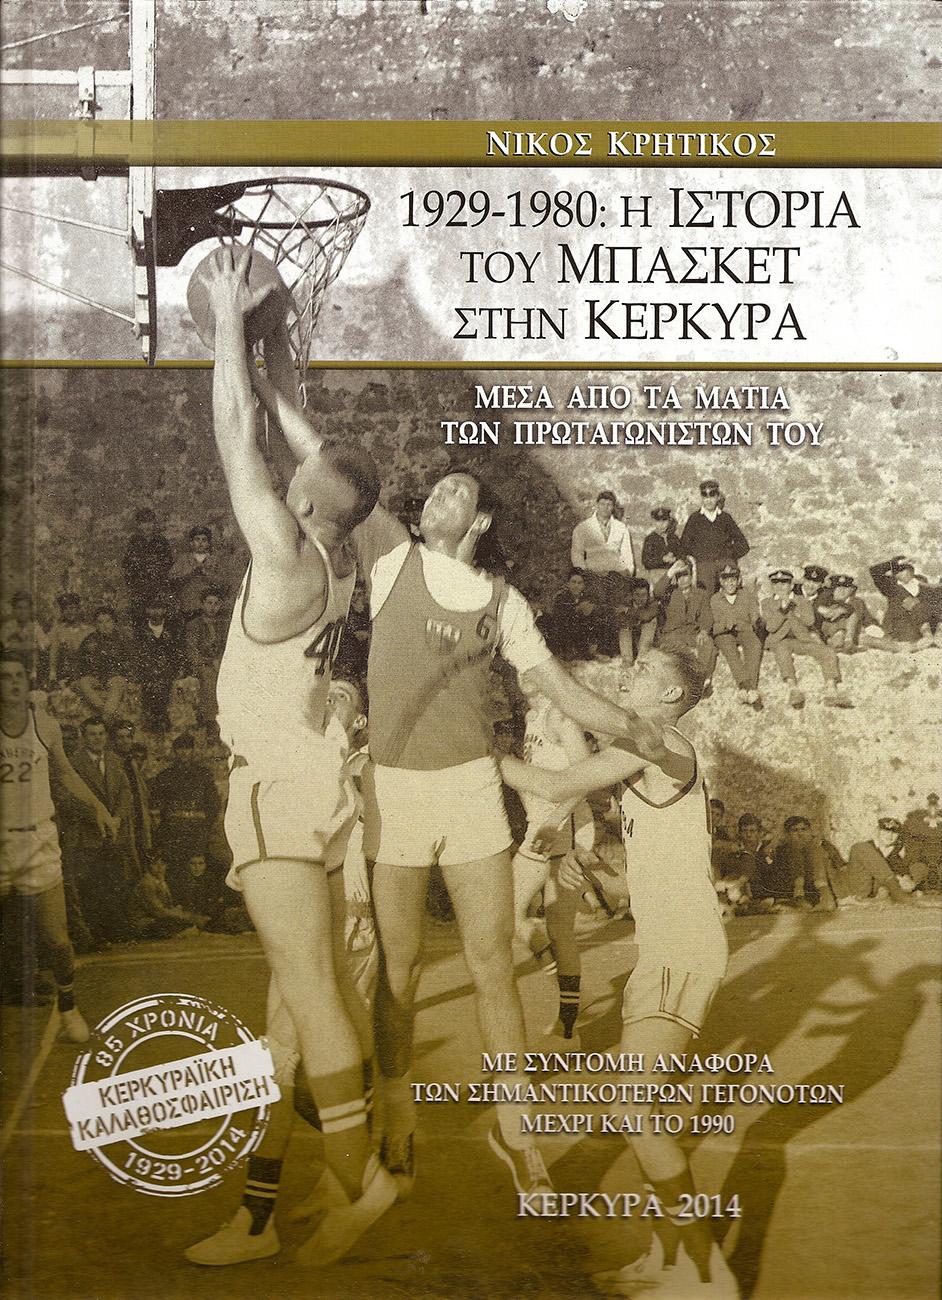 «1929-1980: Η ιστορία του κερκυραϊκού μπάσκετ»